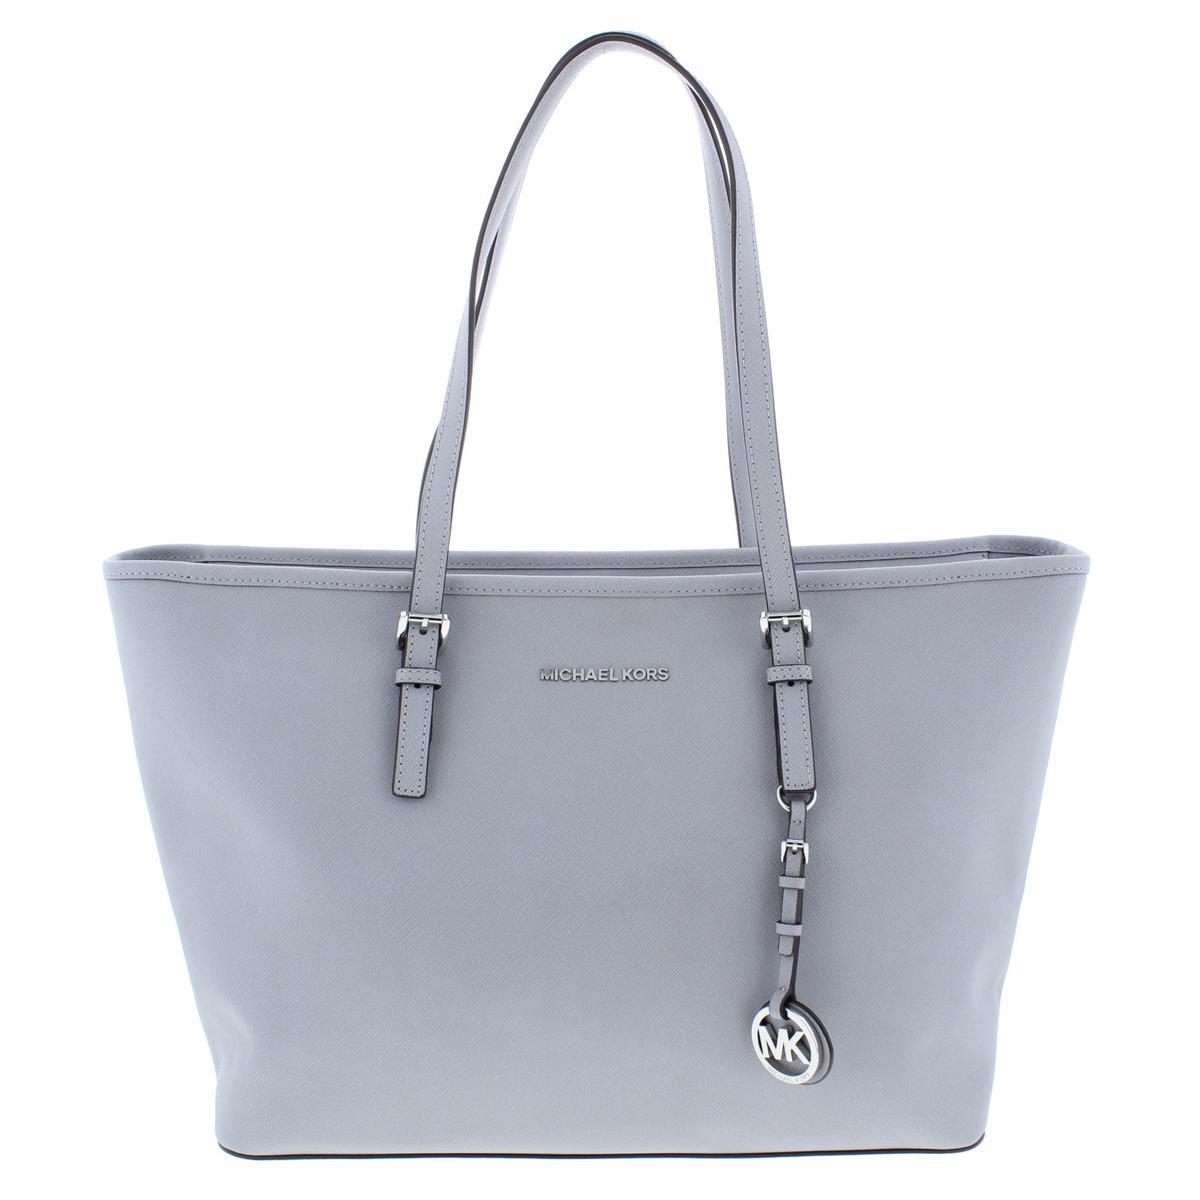 7070d63d2b3bd Details about MICHAEL Michael Kors Womens Jet Set Gray Tote Handbag Purse  Large BHFO 5738